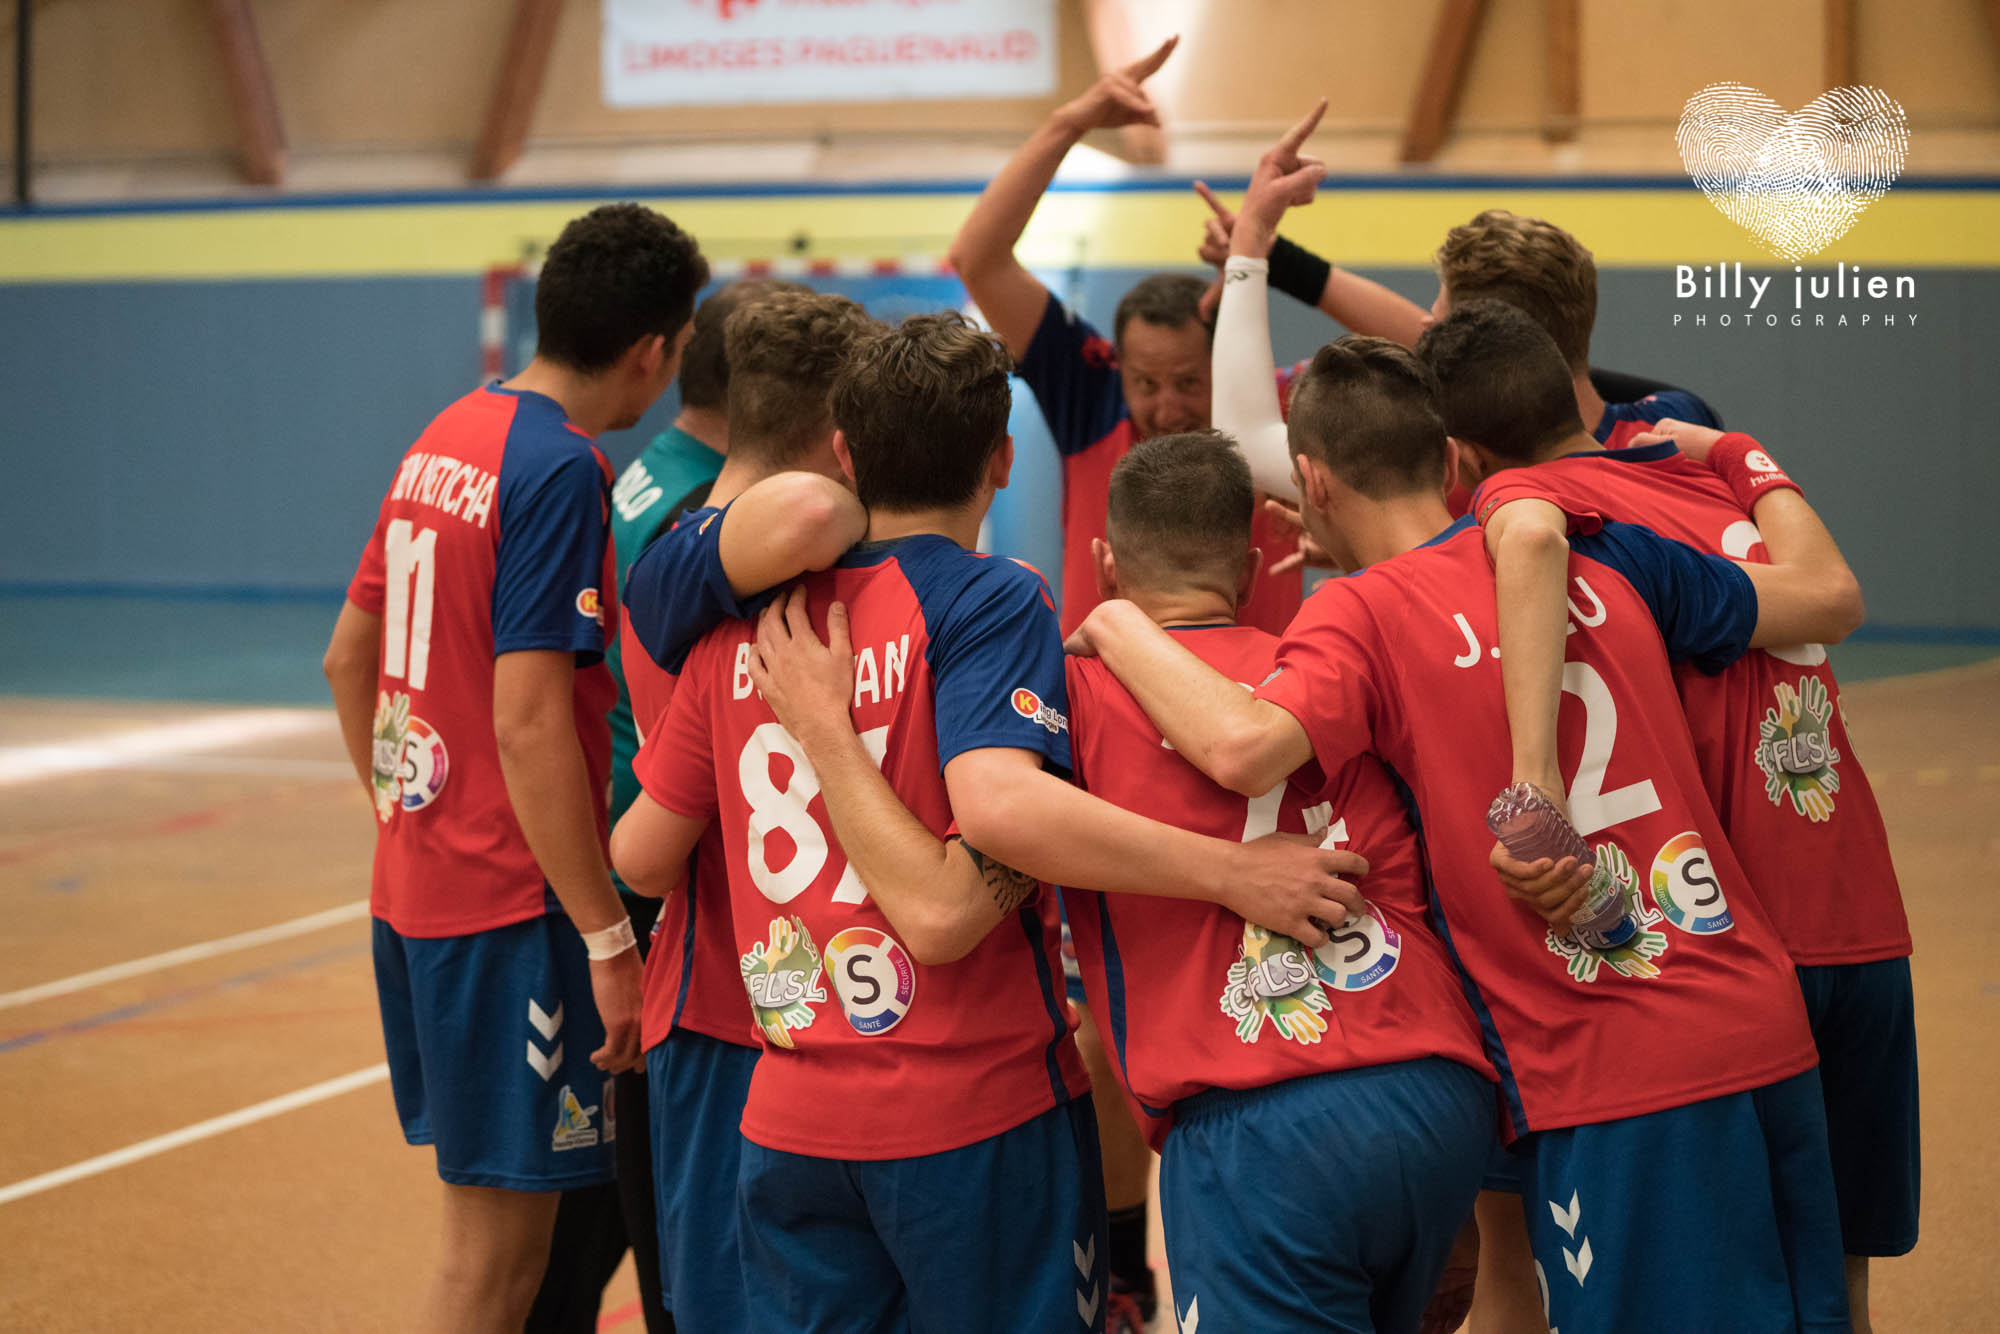 Coupe de france 2017 handball sourds - Handball coupe de france ...